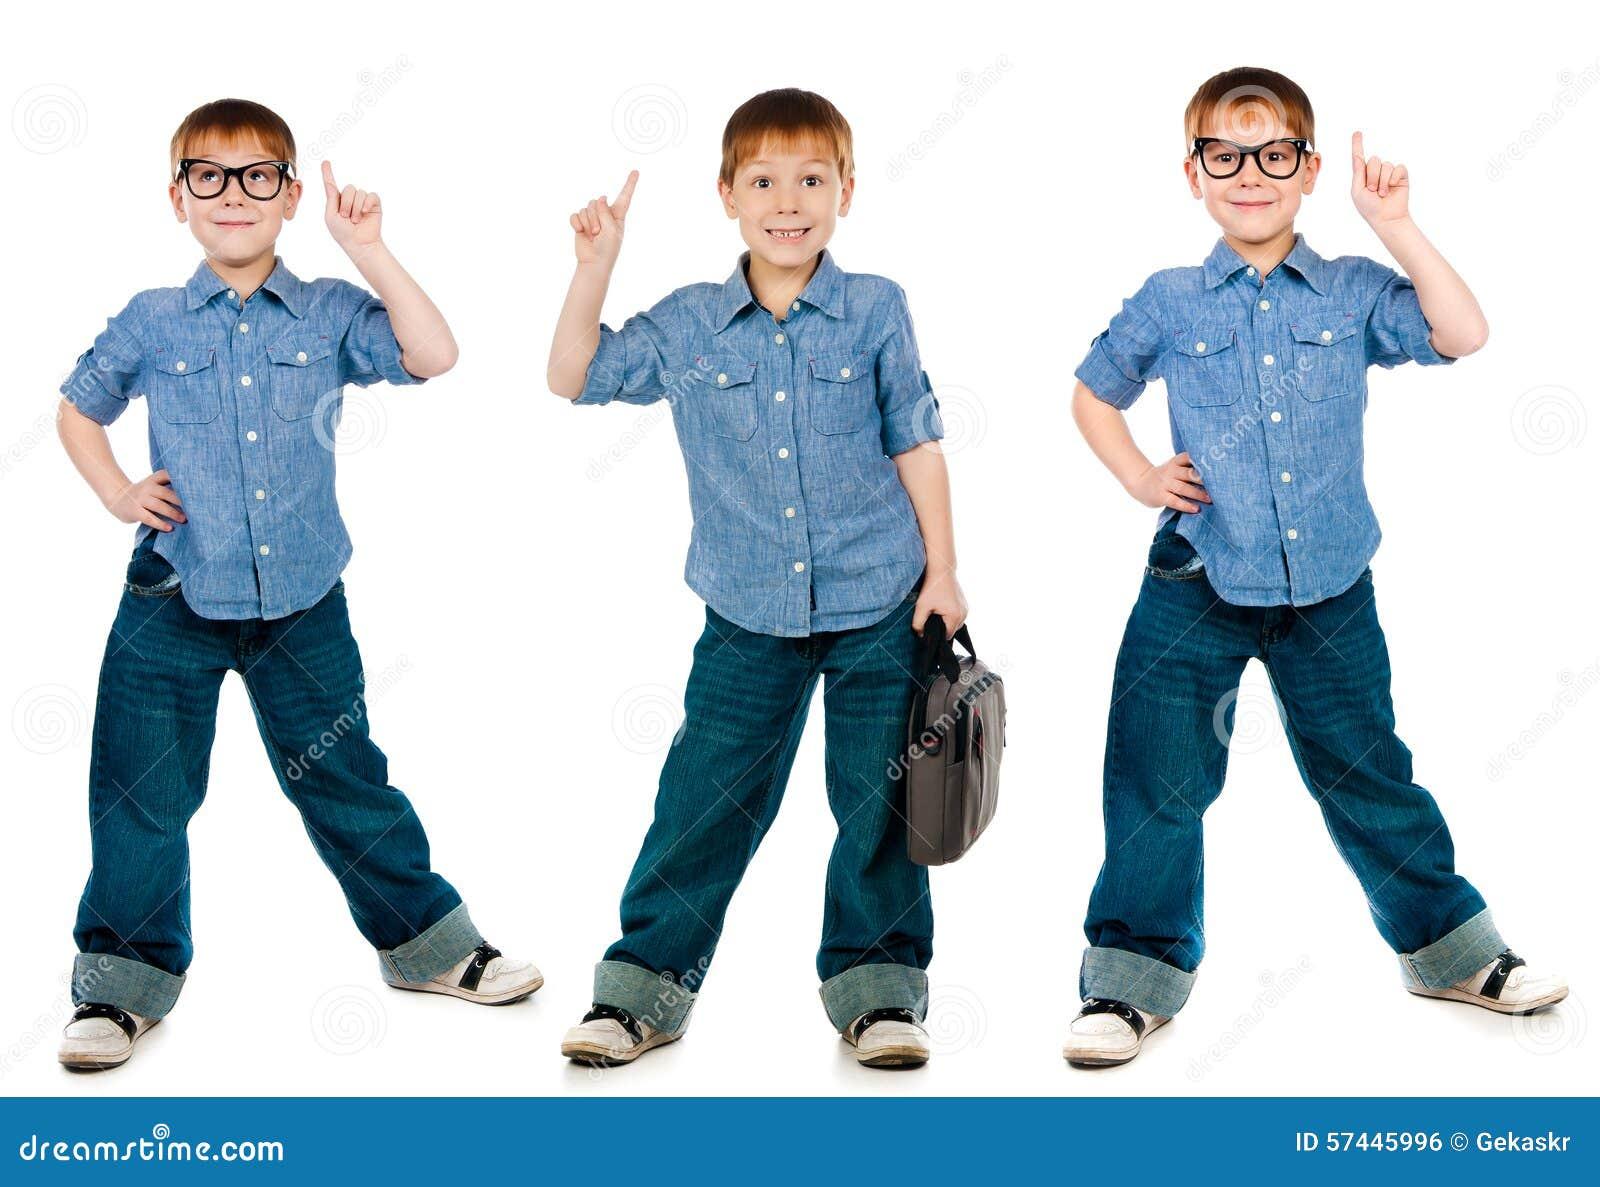 Trendy, trendy jeans